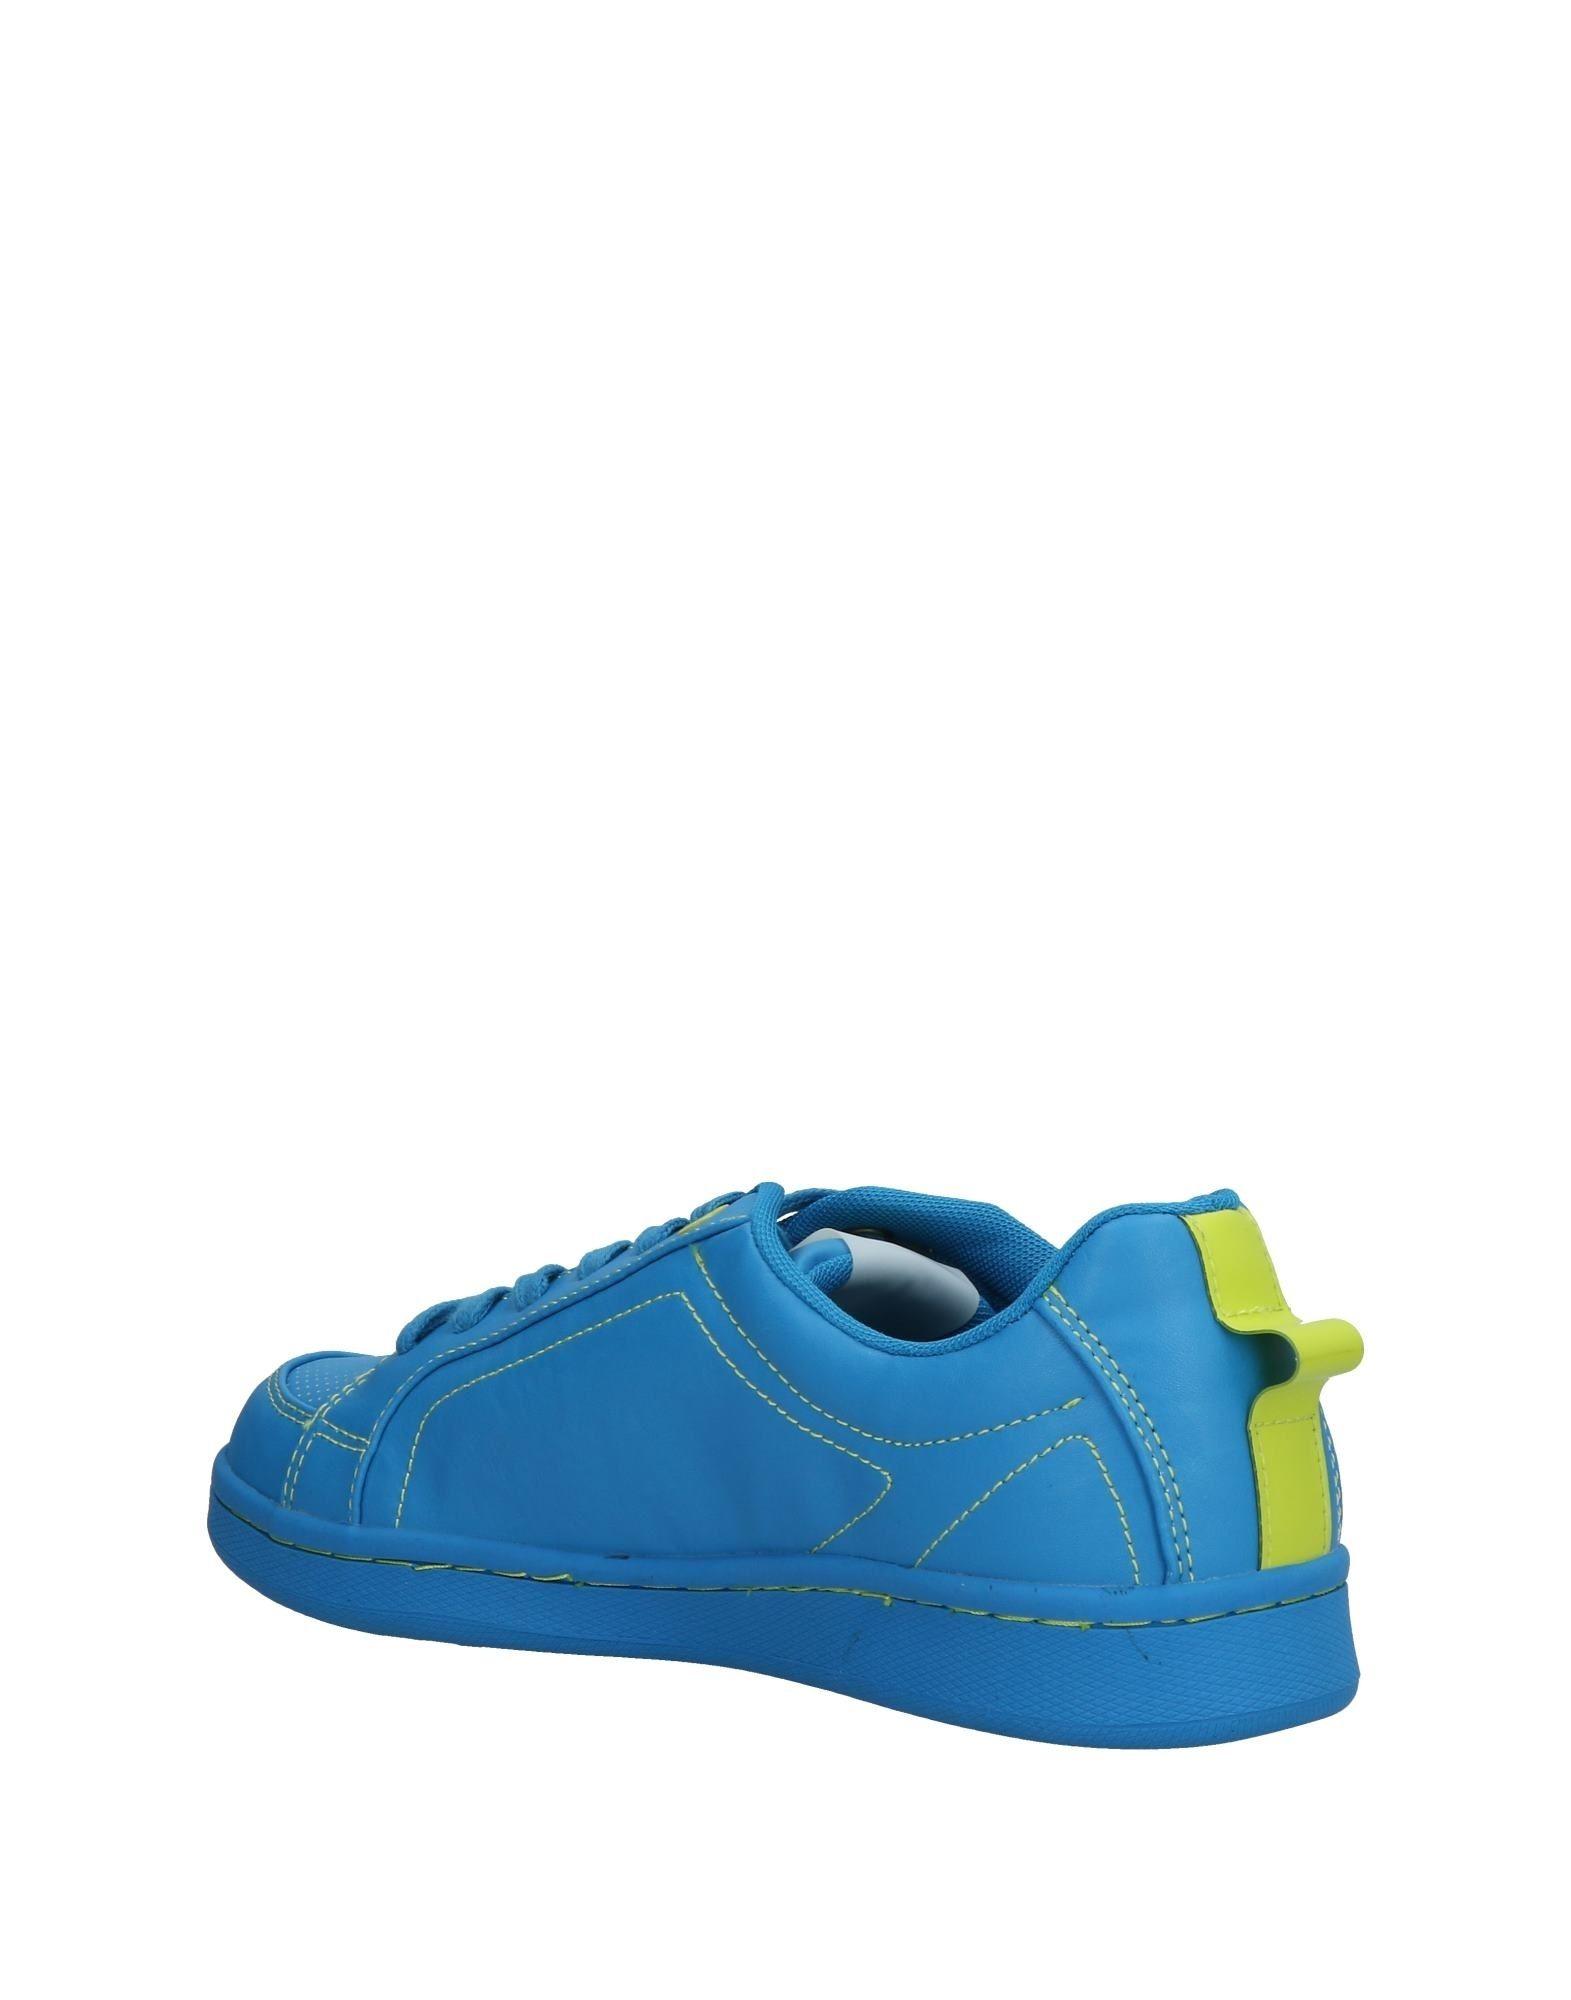 Rabatt echte Schuhe Versace Jeans 11474329GS Sneakers Herren  11474329GS Jeans 9736fd